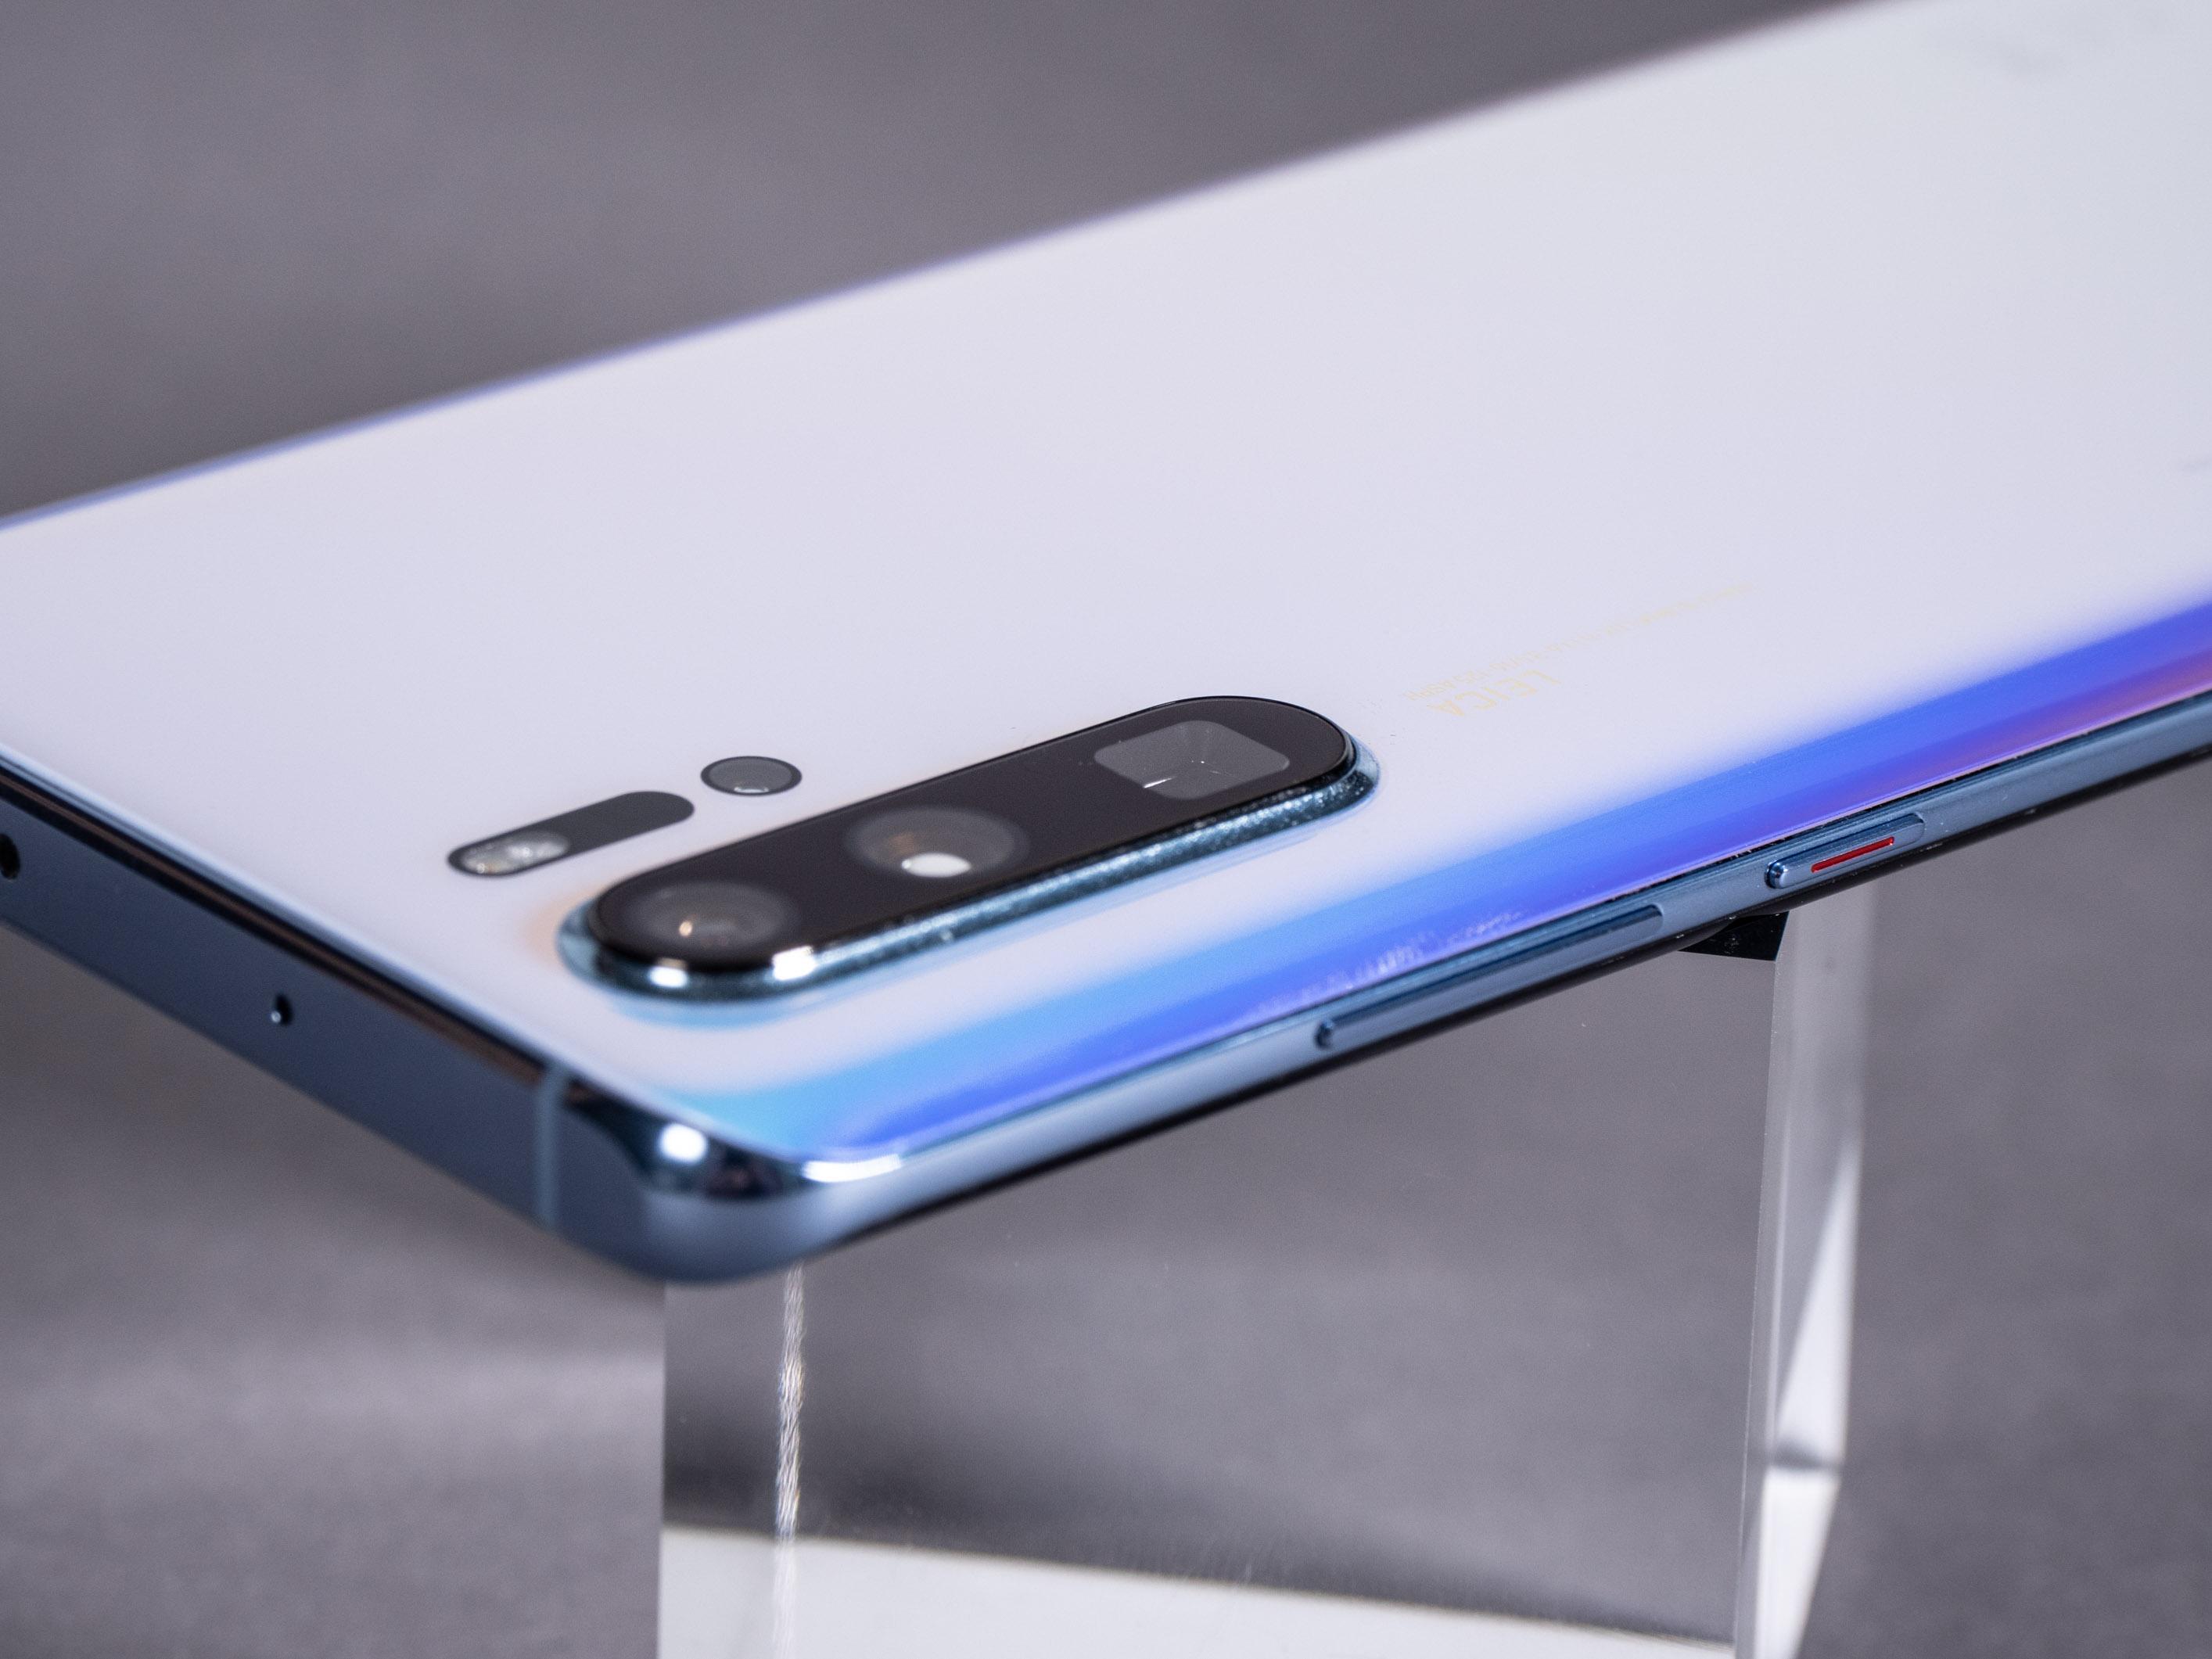 P30 Pro im Kameratest: Huawei baut die vielseitigste Smartphone-Kamera -